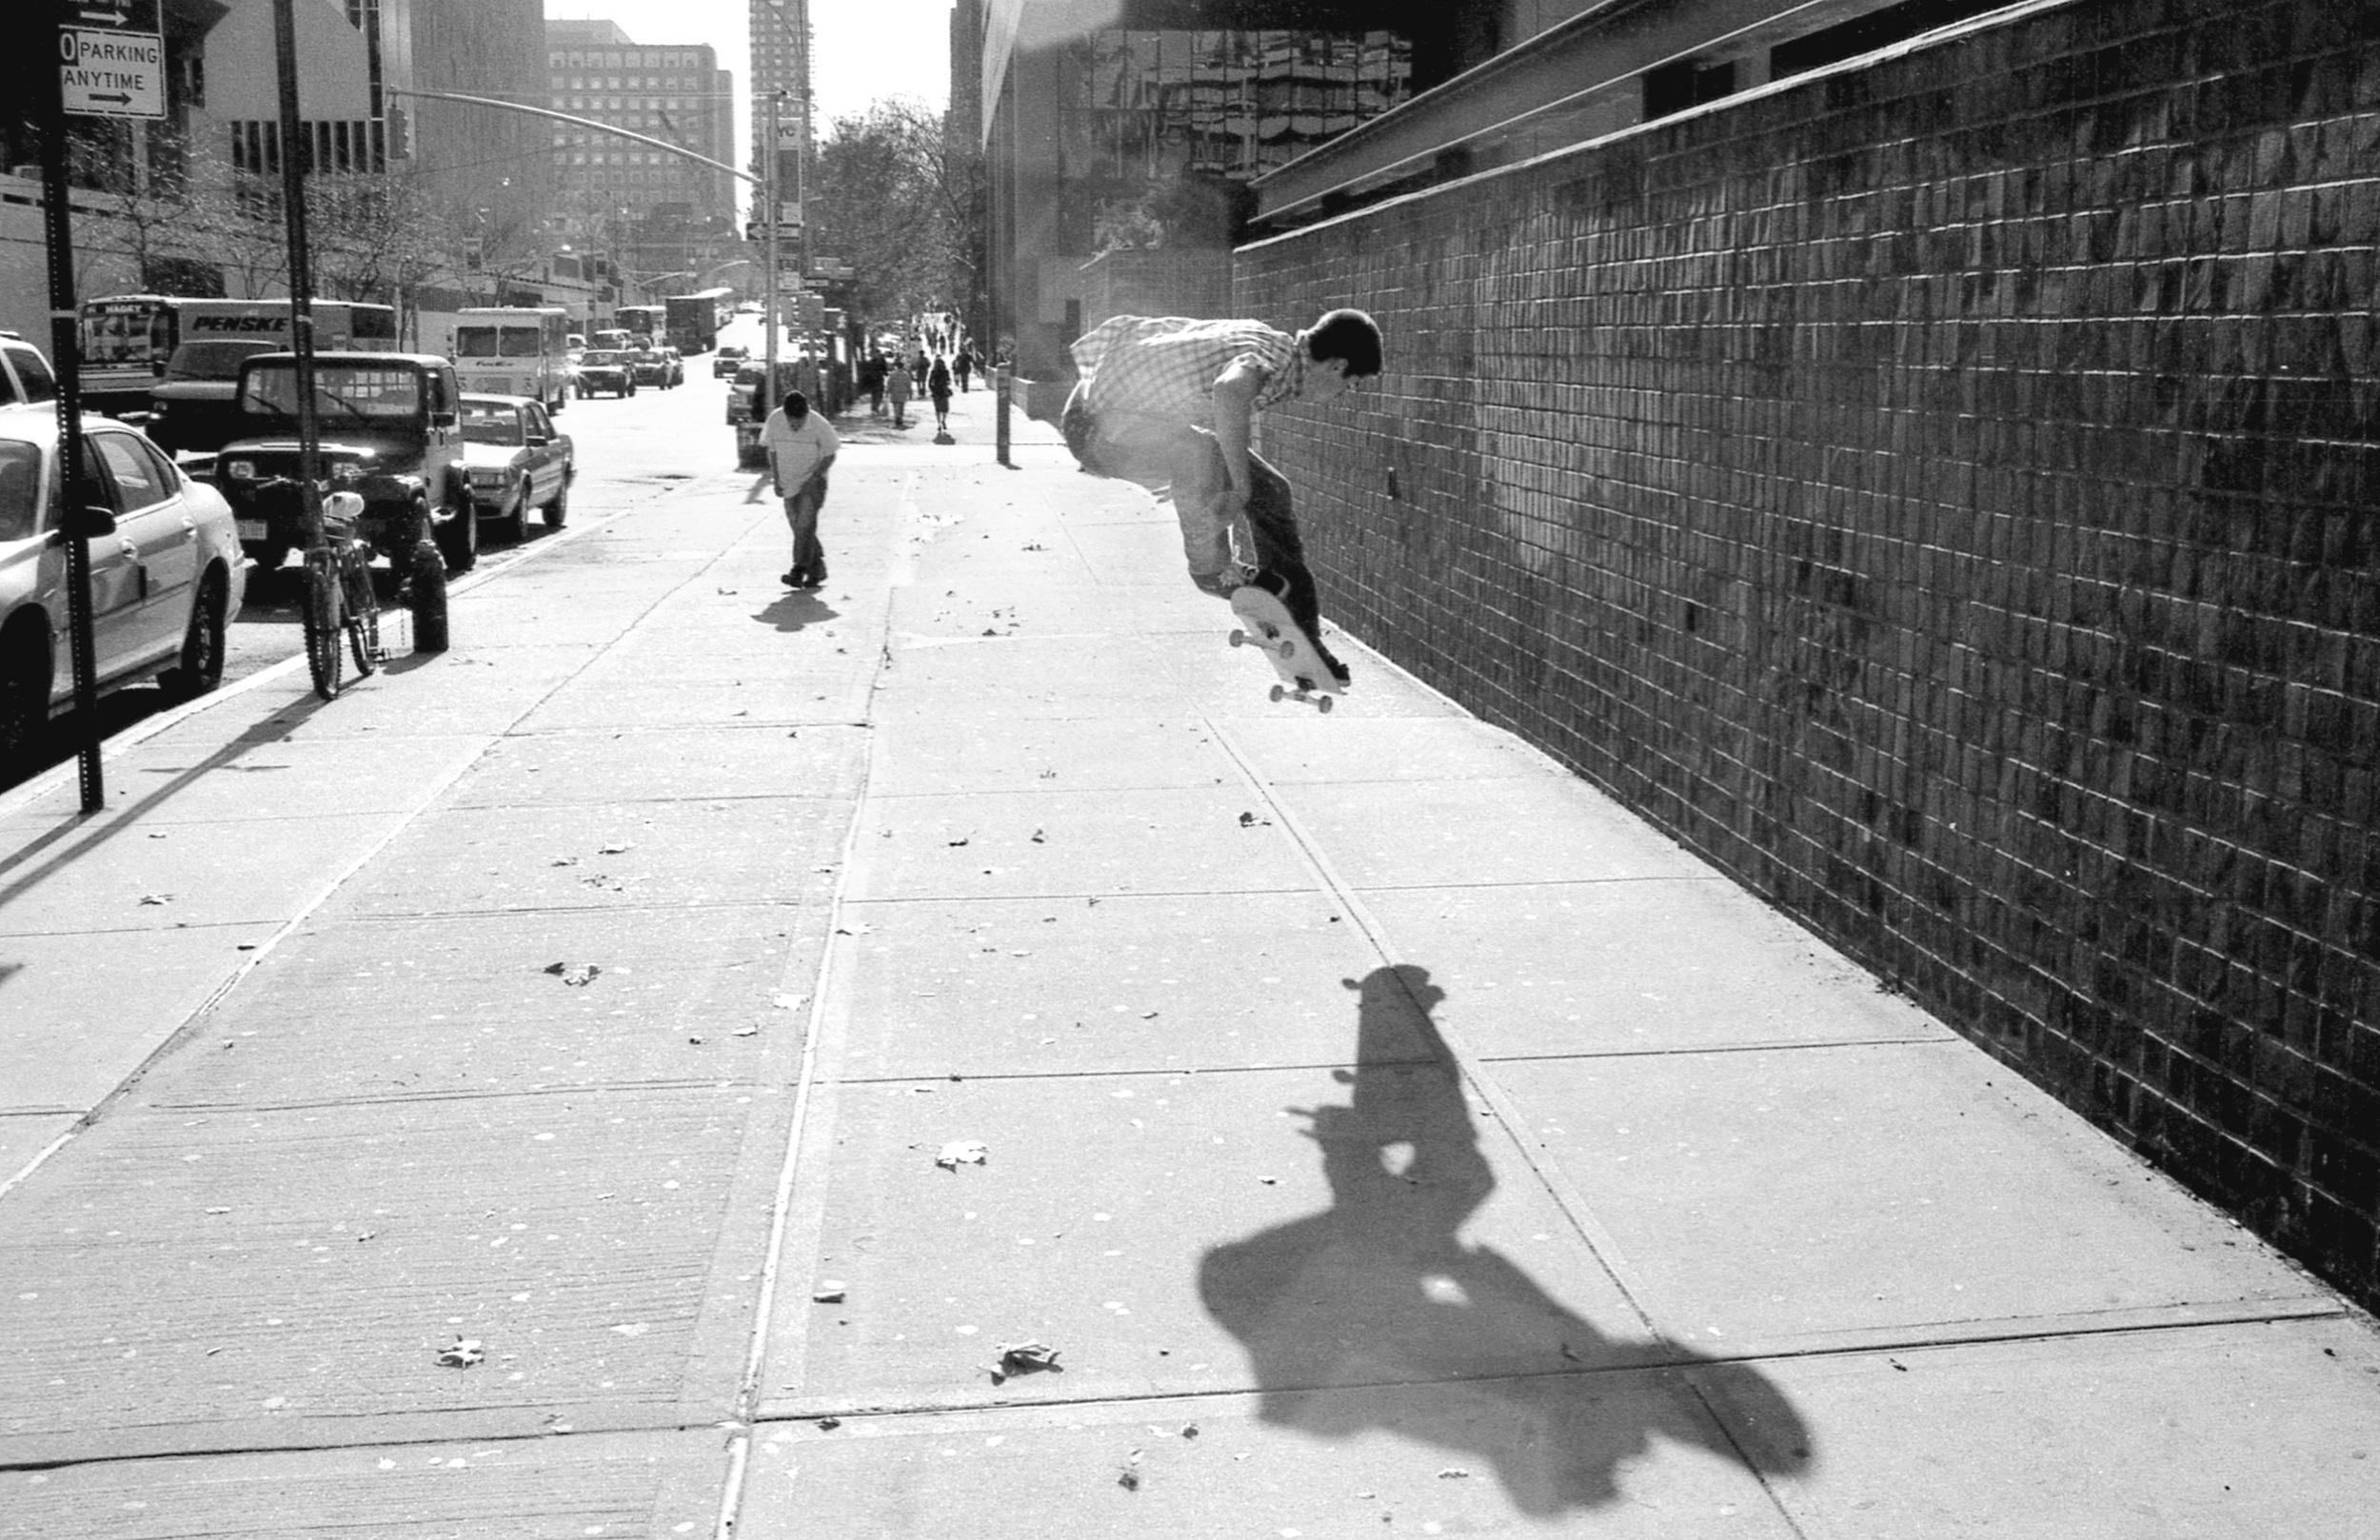 Jake Johnson / NY, NY